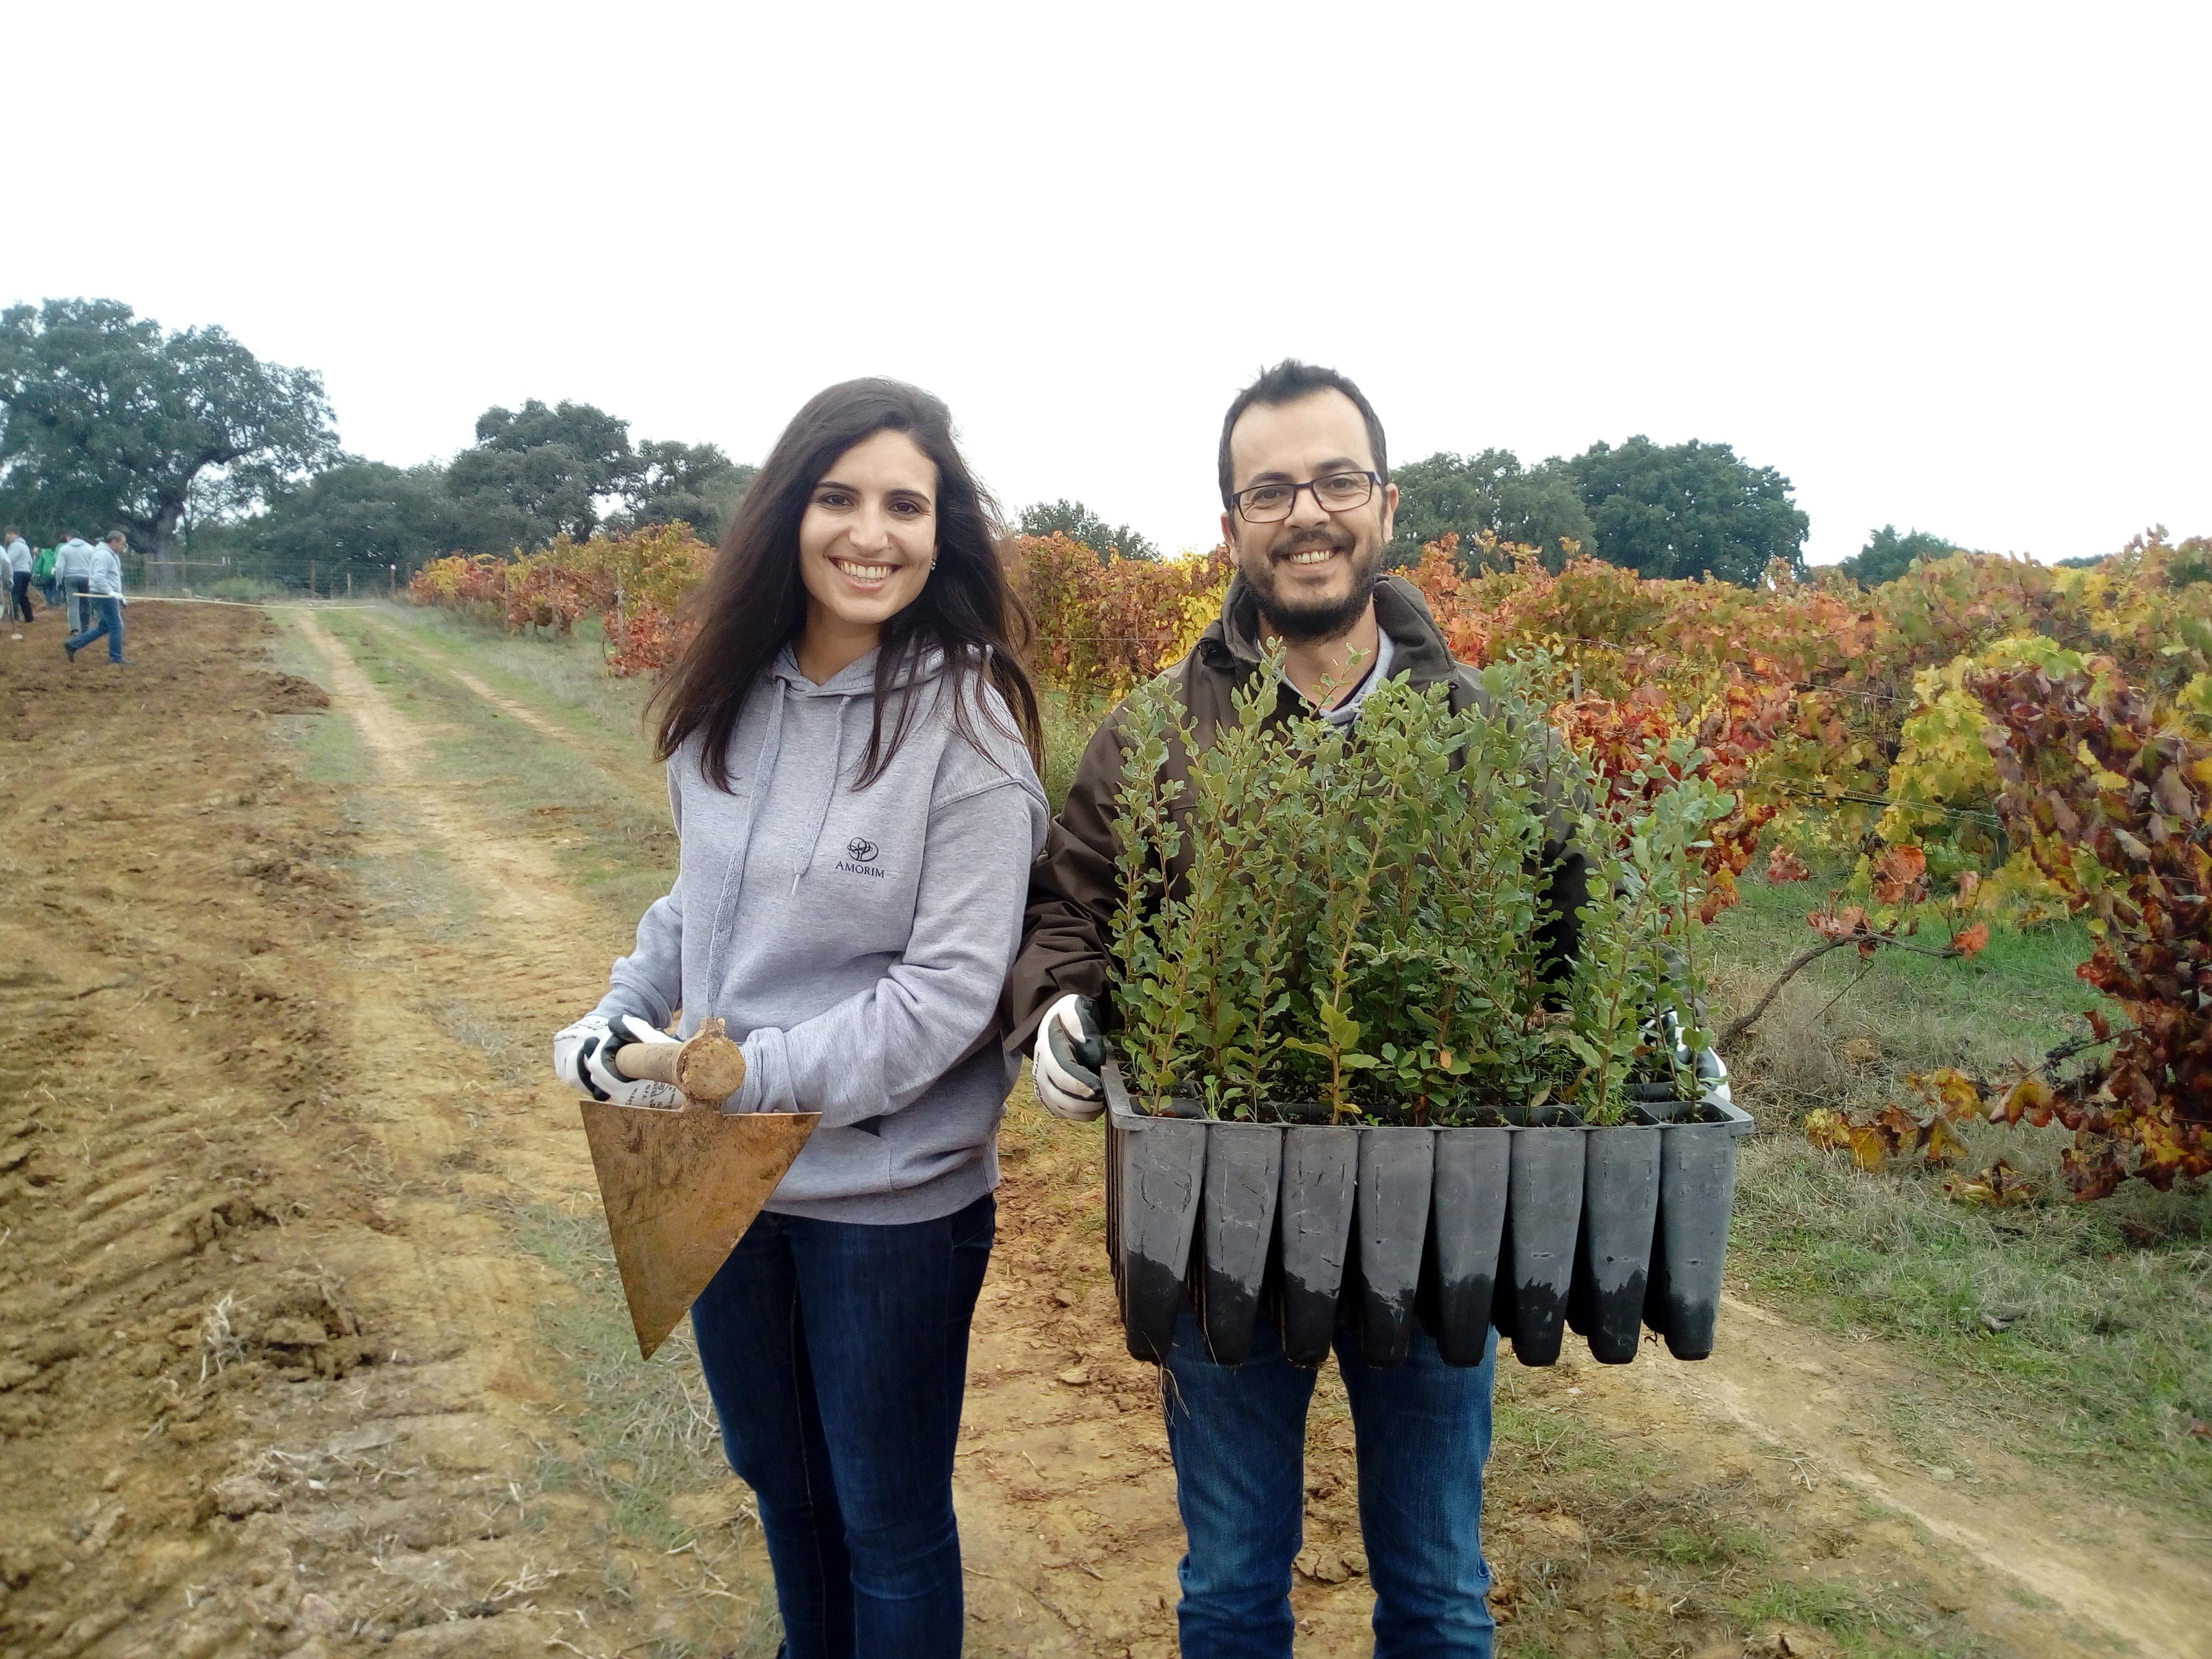 Quercus e Corticeira Amorim juntam-se para plantar 2000 sobreiros em Alcácer do Sal